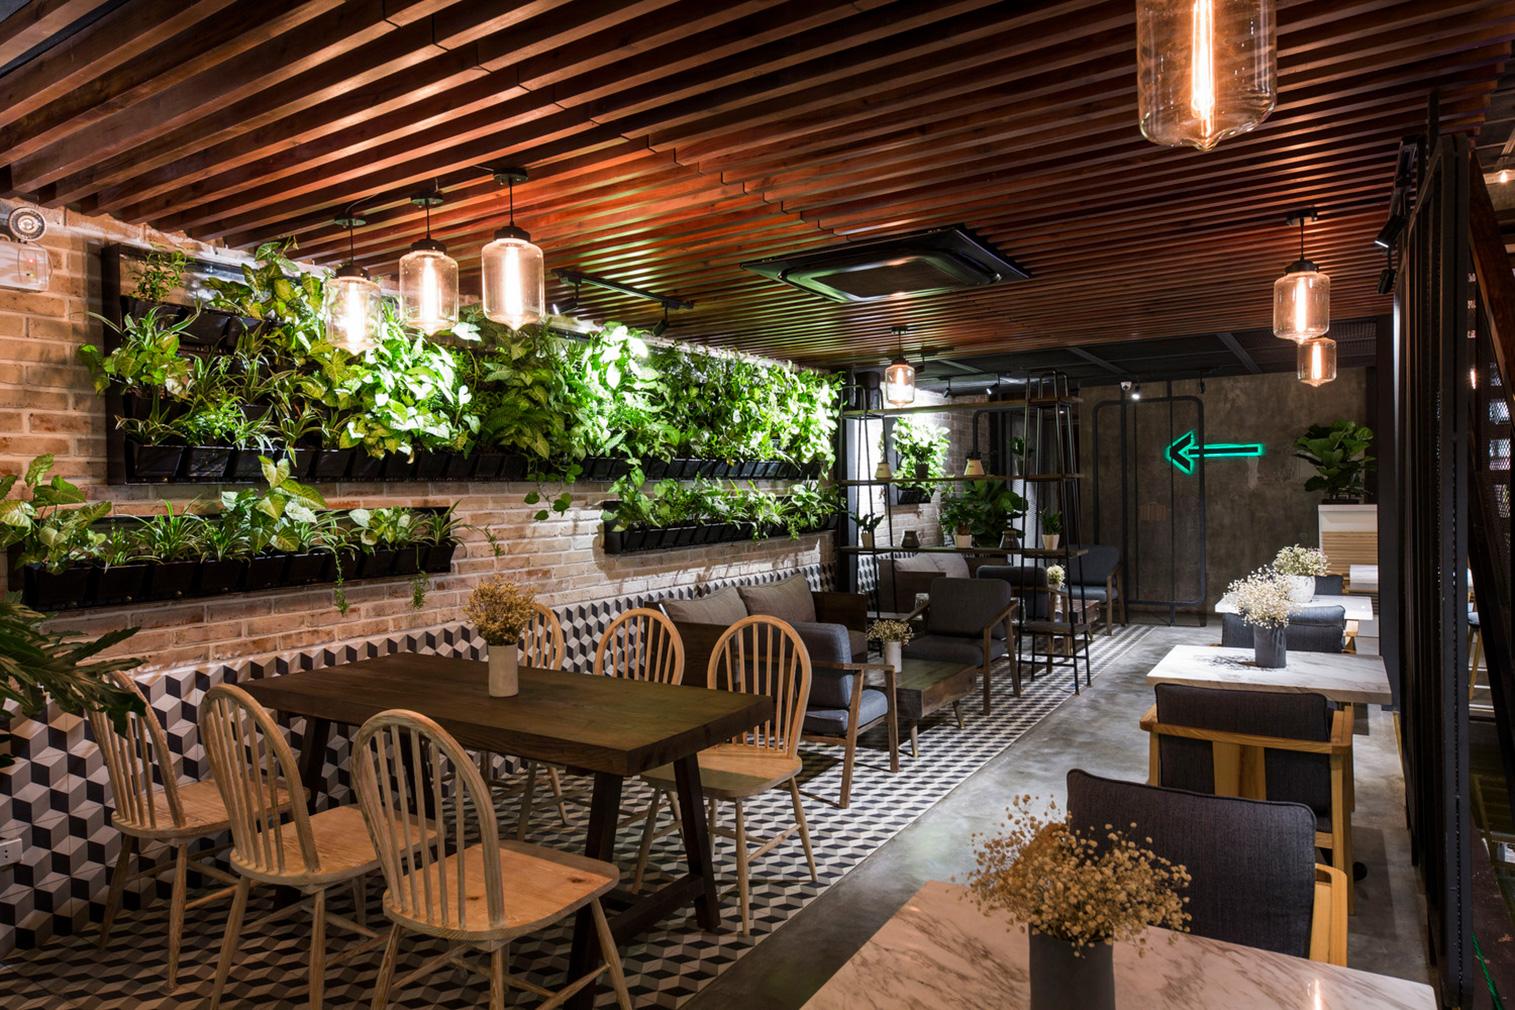 le house designs a secret garden caf in hanoi rh thespaces com open garden restaurant design